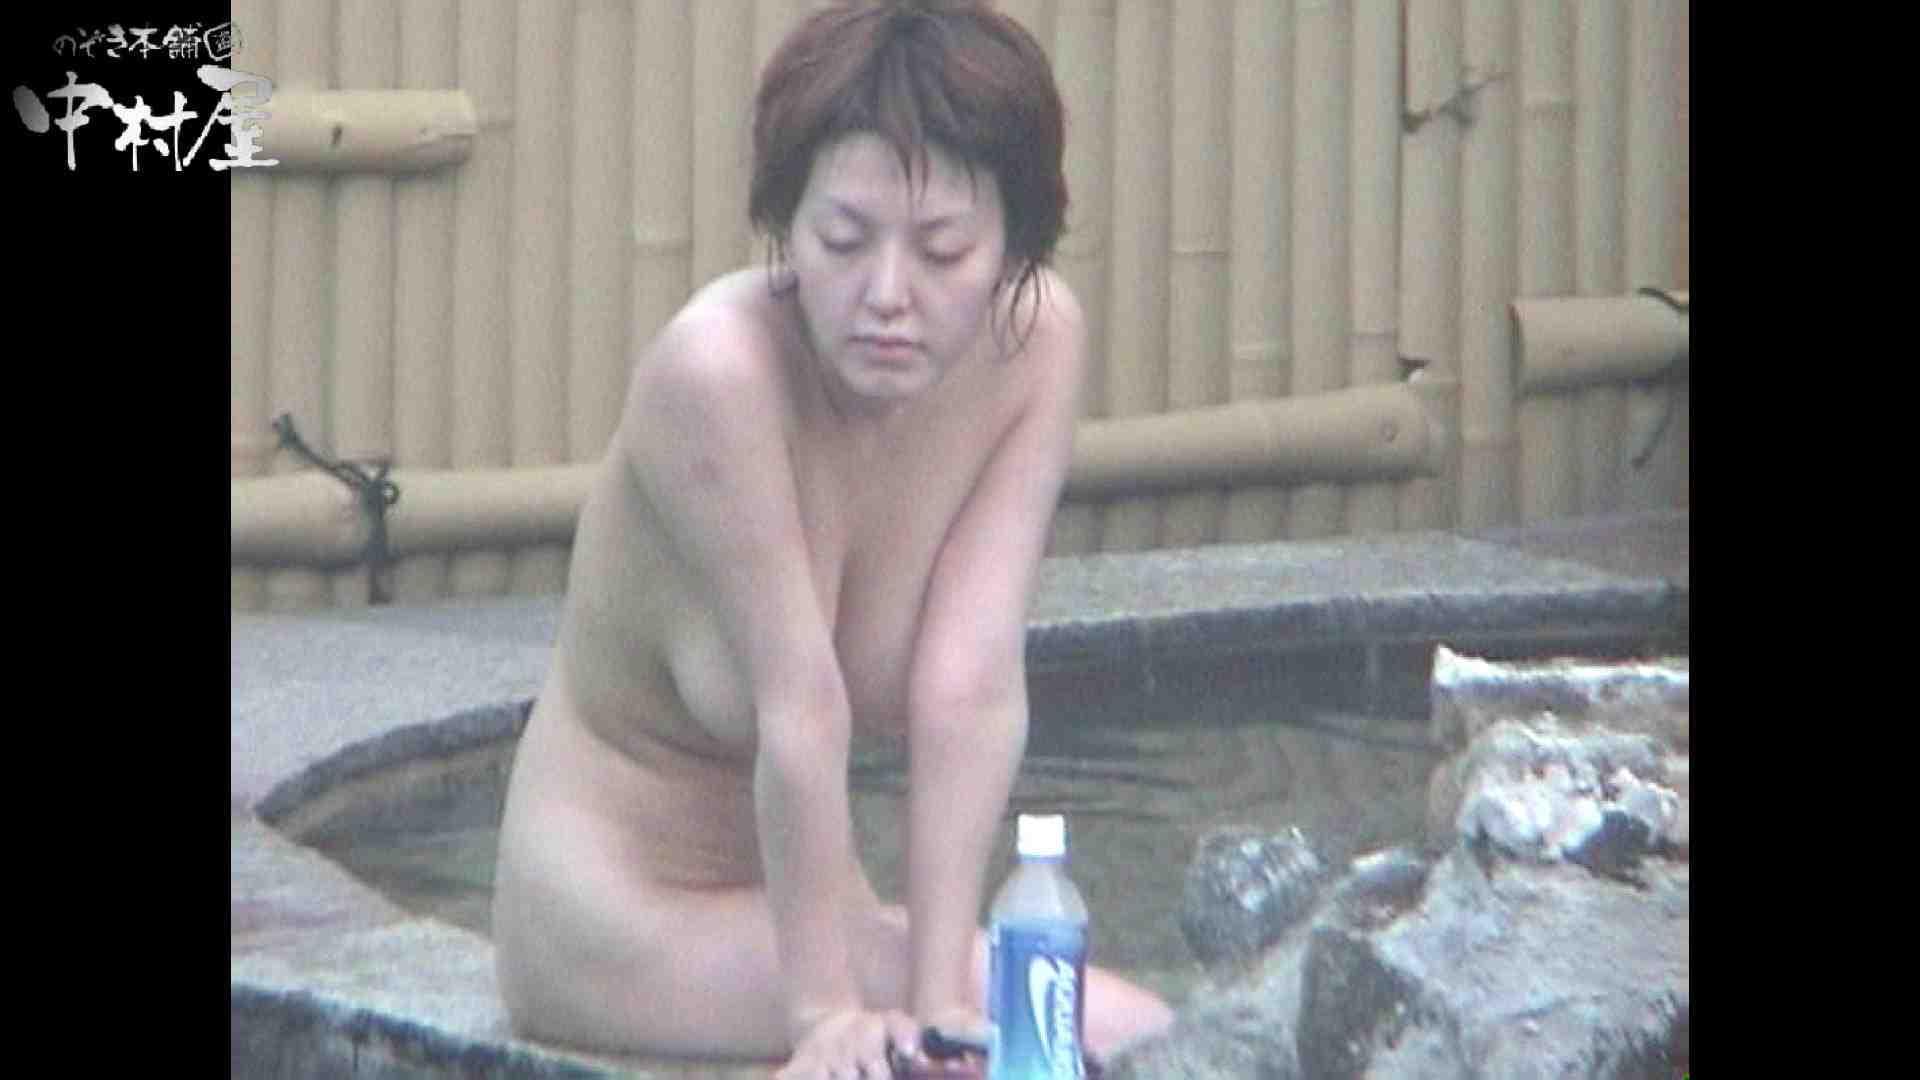 Aquaな露天風呂Vol.959 盗撮 | OLのエロ生活  42連発 28